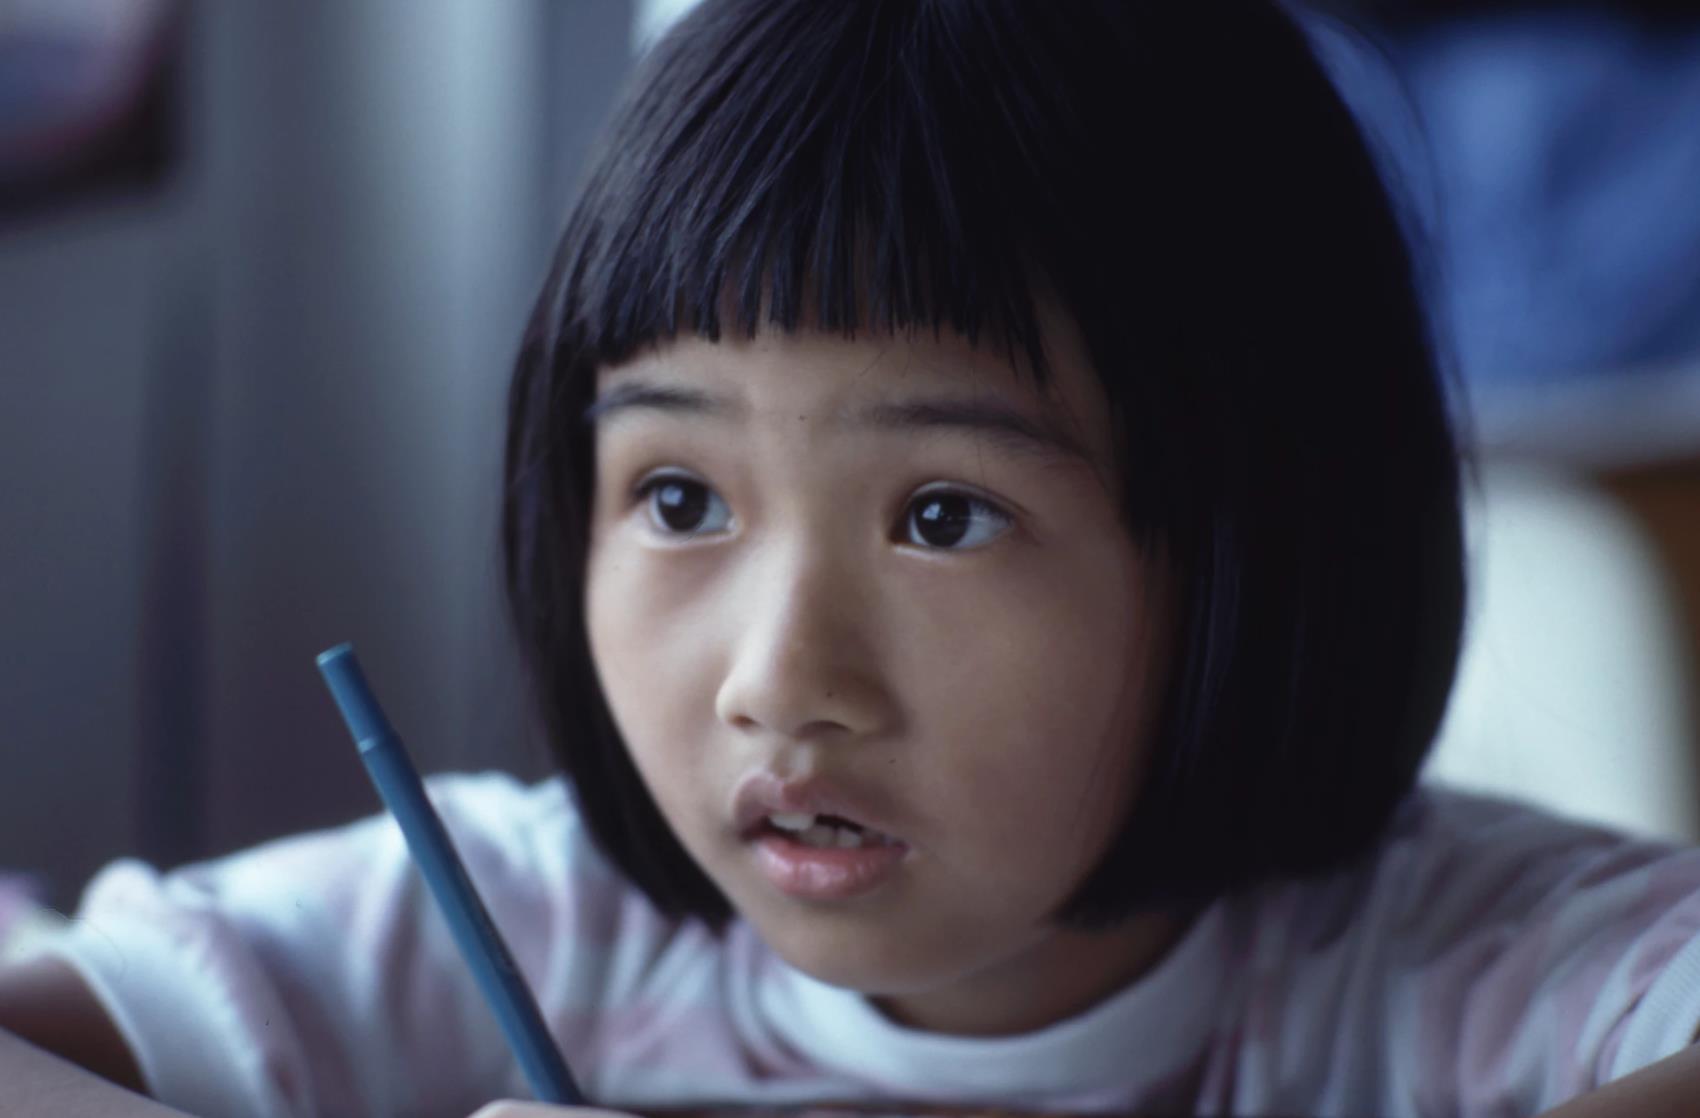 李锋亮:远程教育经济学关键议题